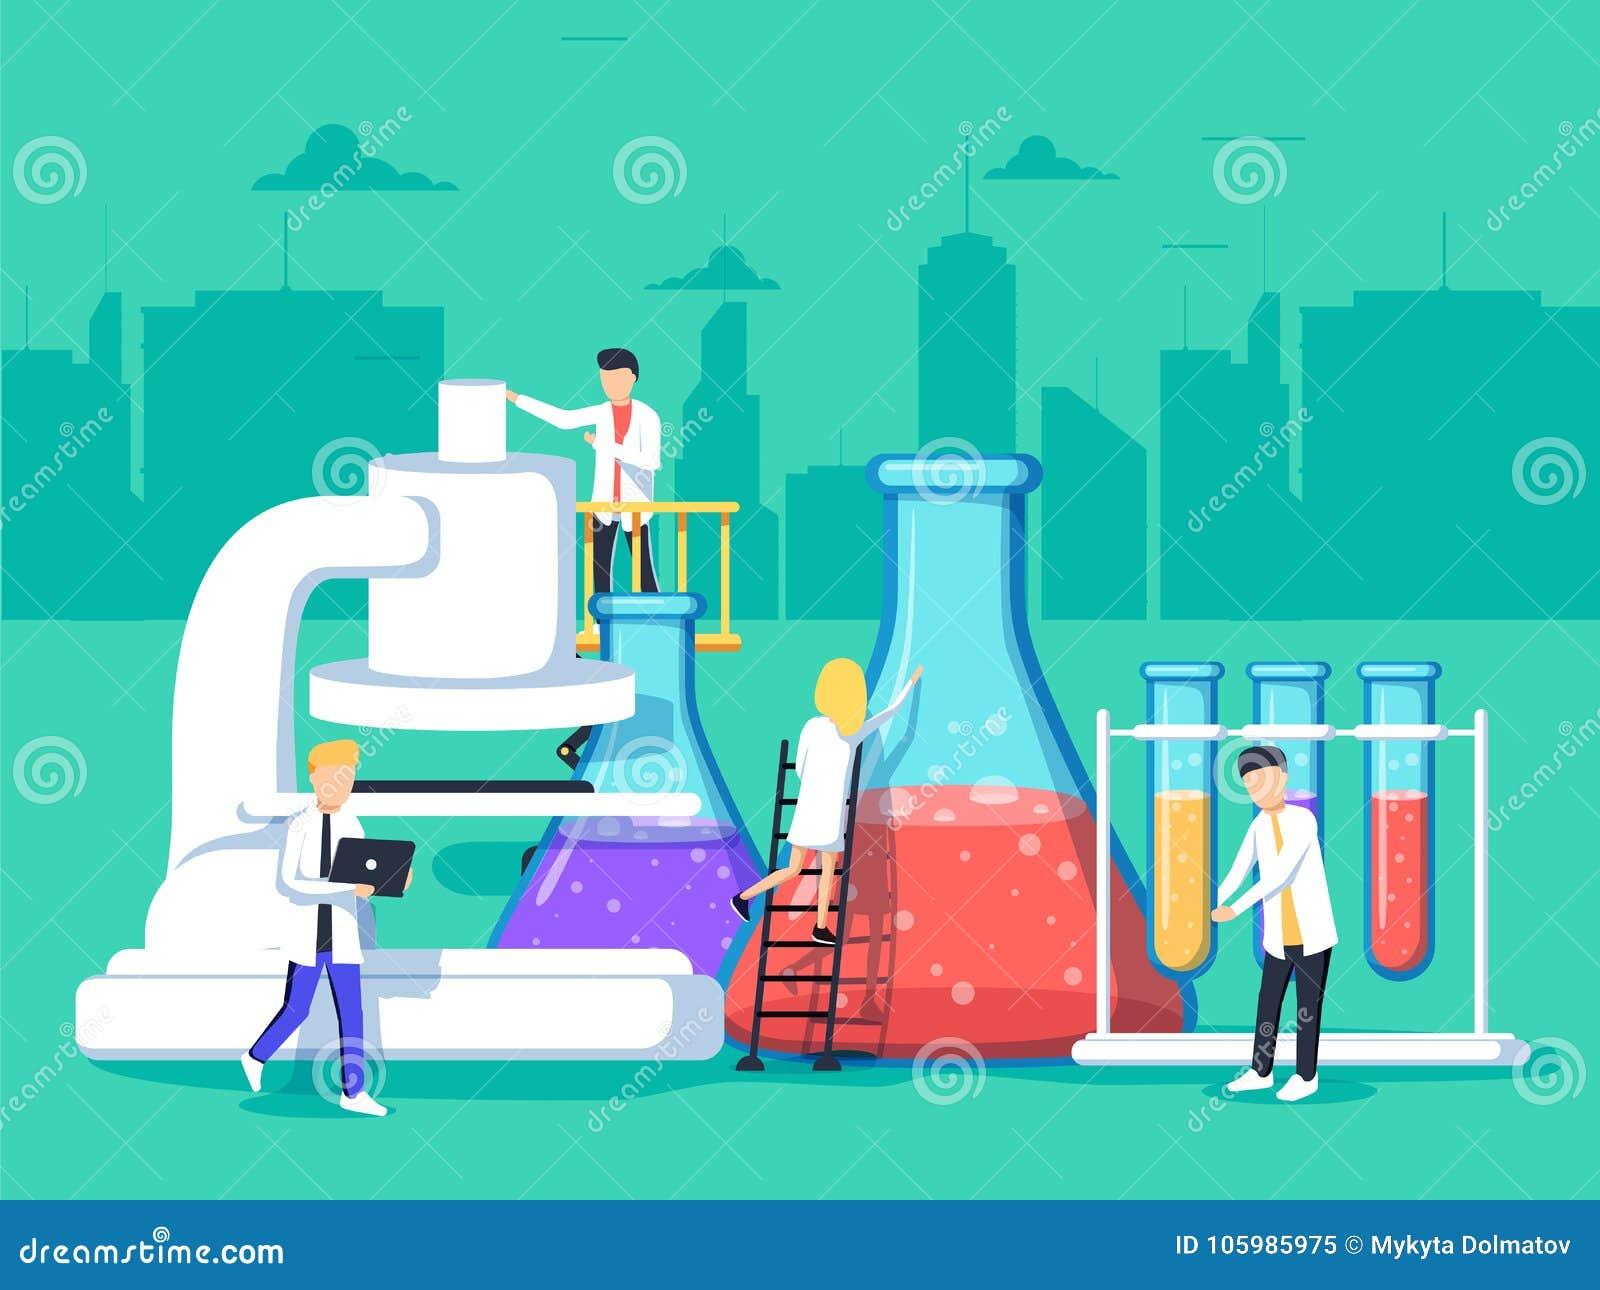 Ερευνητές στο εργαστήριο, αναλύουν ένα δείγμα χρησιμοποιώντας ένα μικροσκόπιο και ελέγχοντας τους σωλήνες δοκιμής